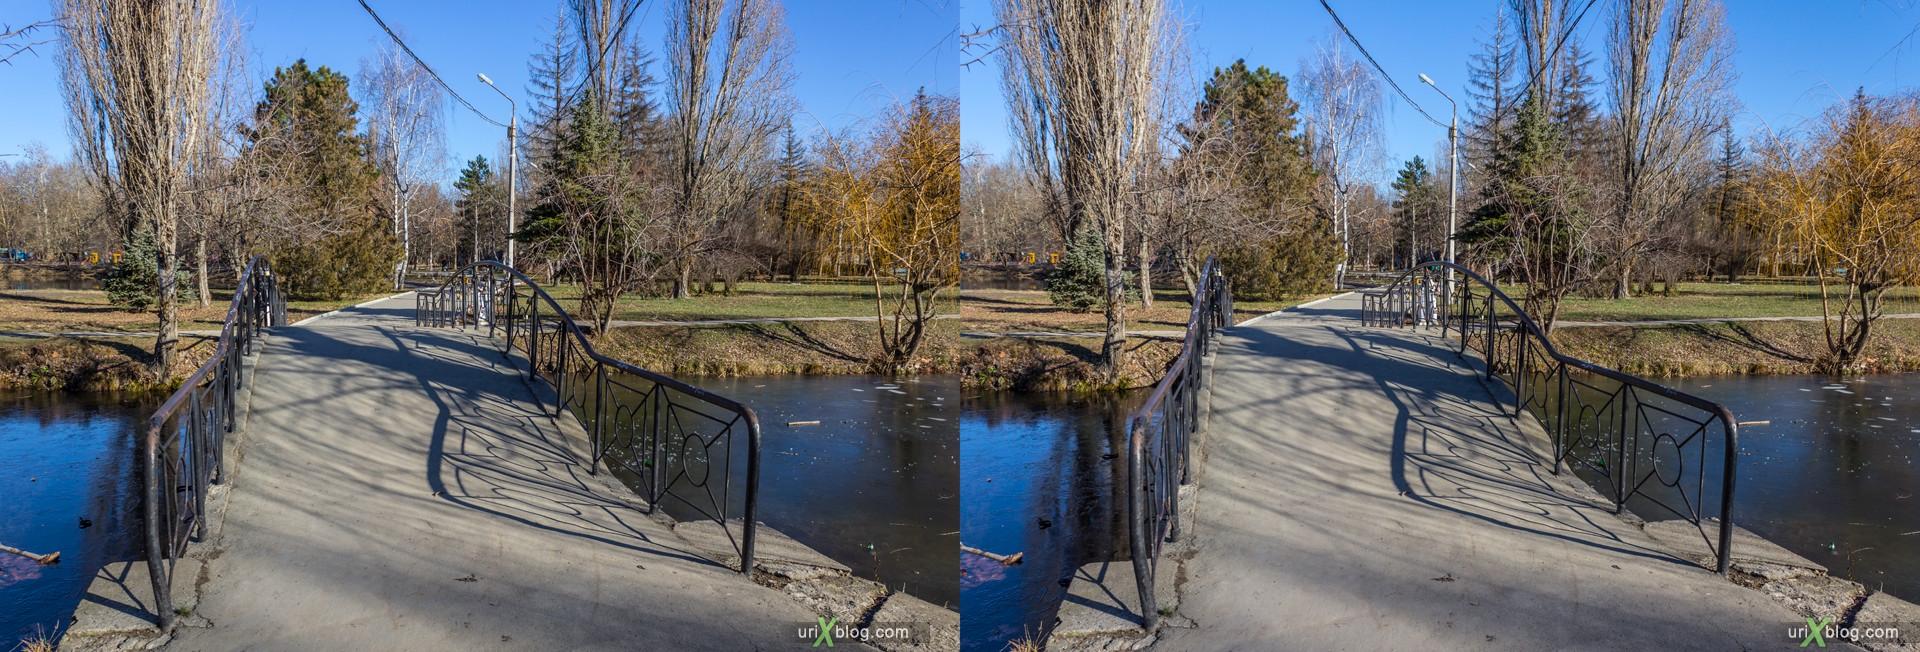 2012, Крым, Россия, Украина, Симферополь, Гагаринский парк, зима, 3D, перекрёстная стереопара, стерео, стереопара